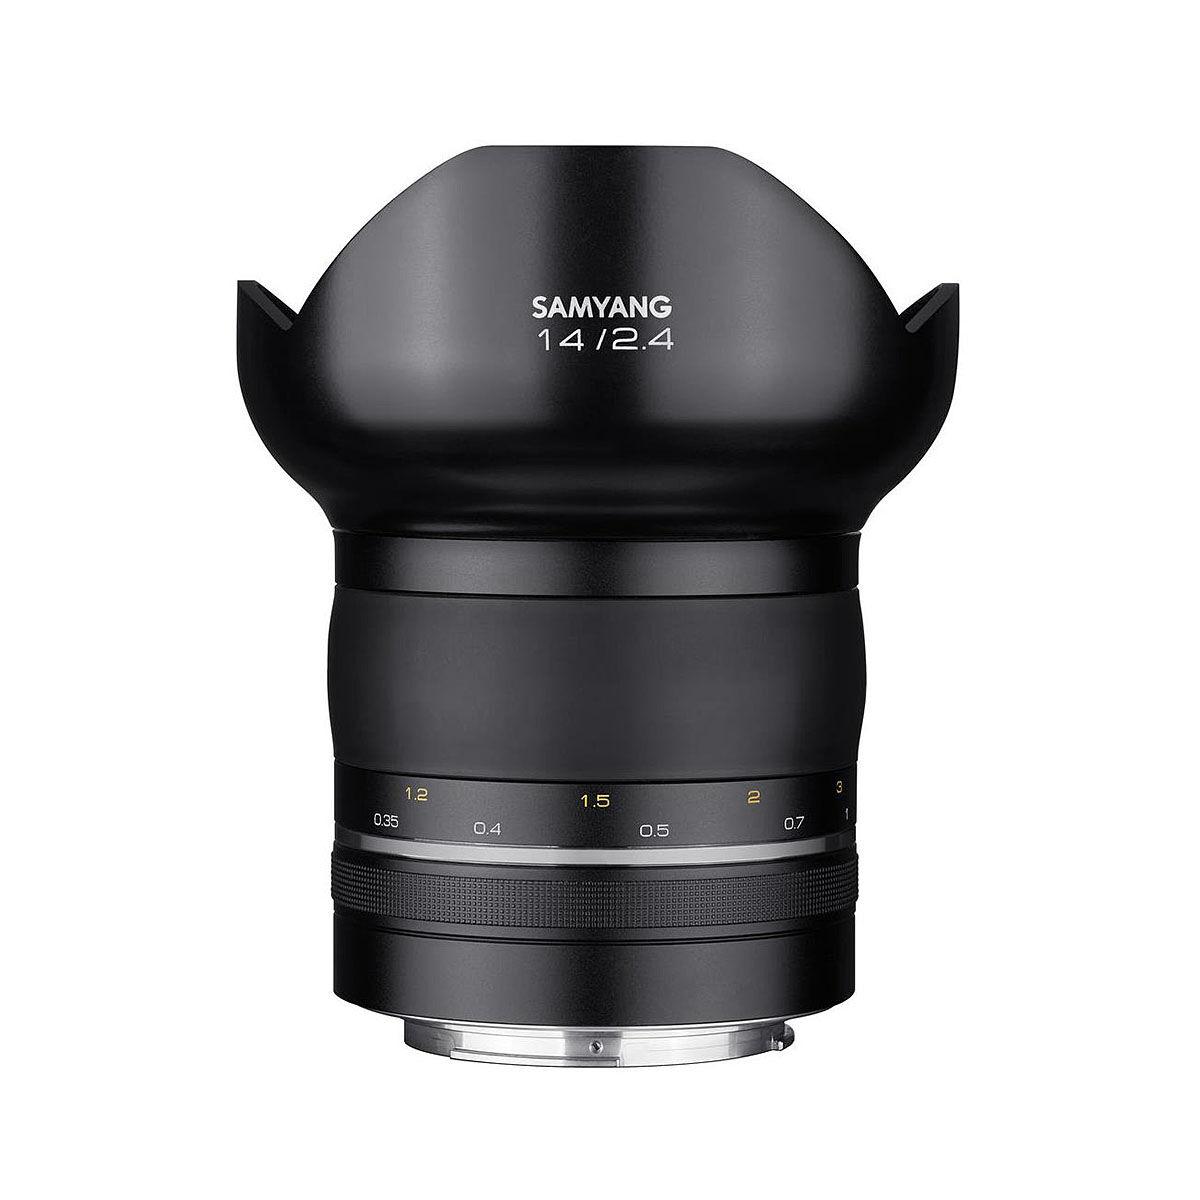 Samyang Premium XP 14/2,4 för Canon EF-fattning